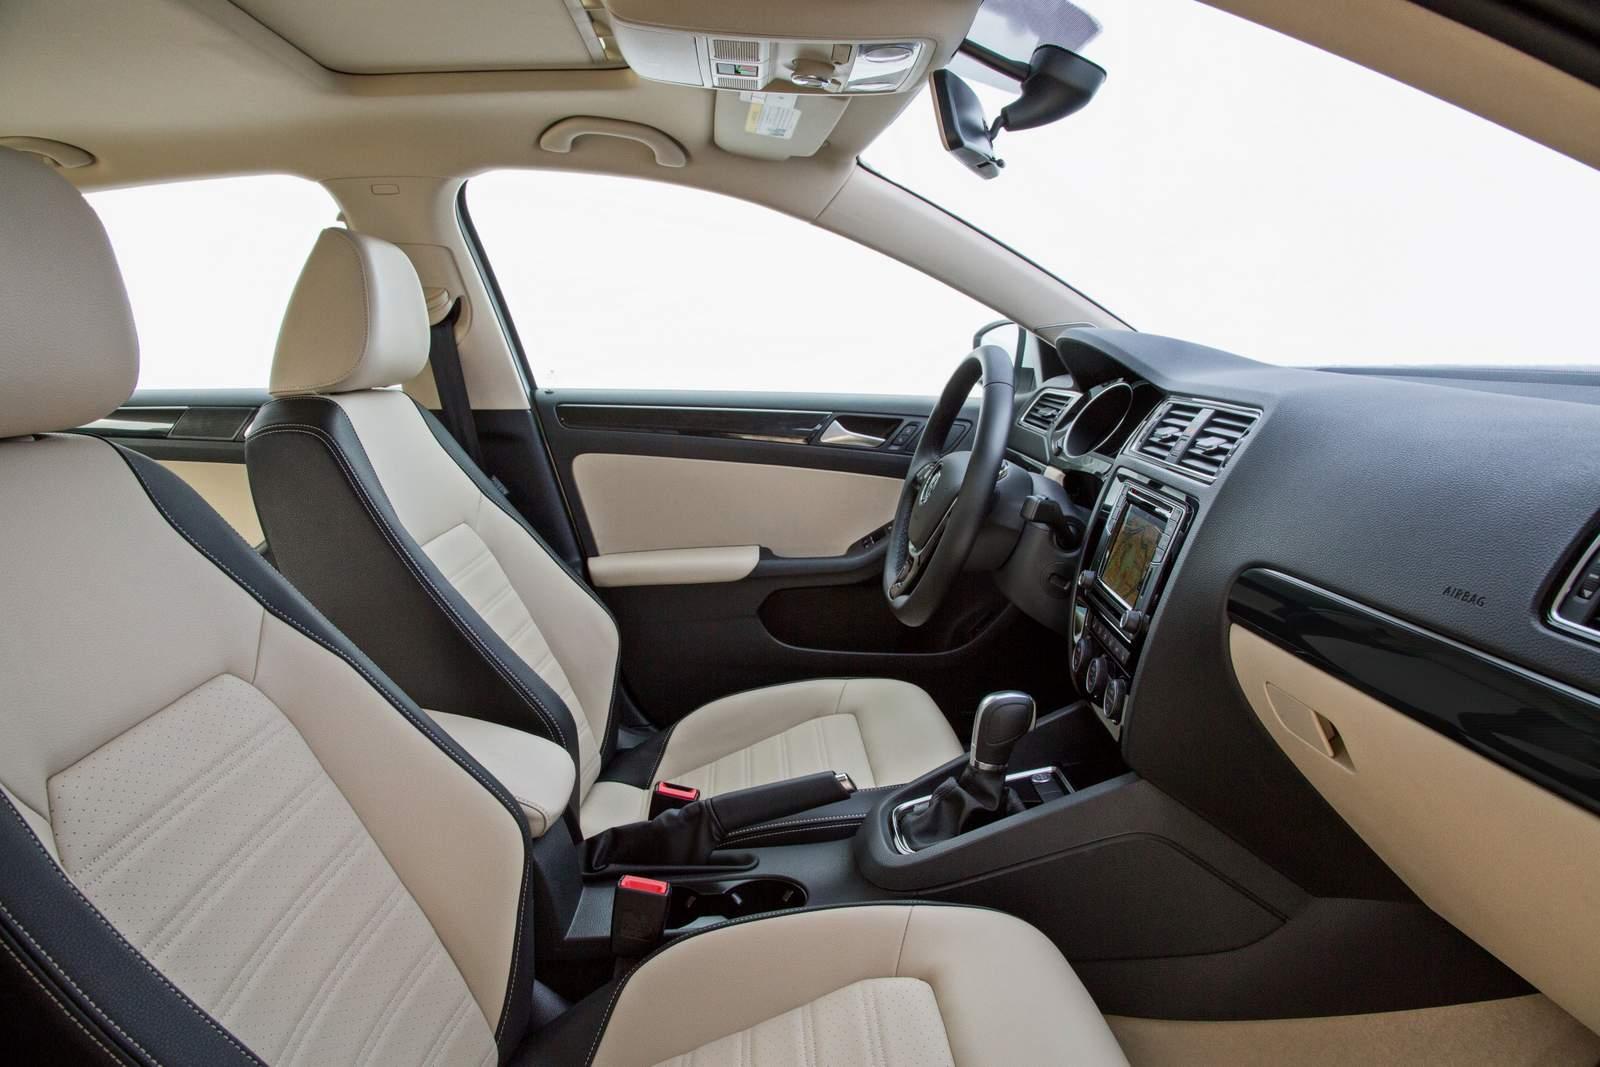 VW Jetta 1.4 TSI AT6 x Toyota Corolla GLi 1.8